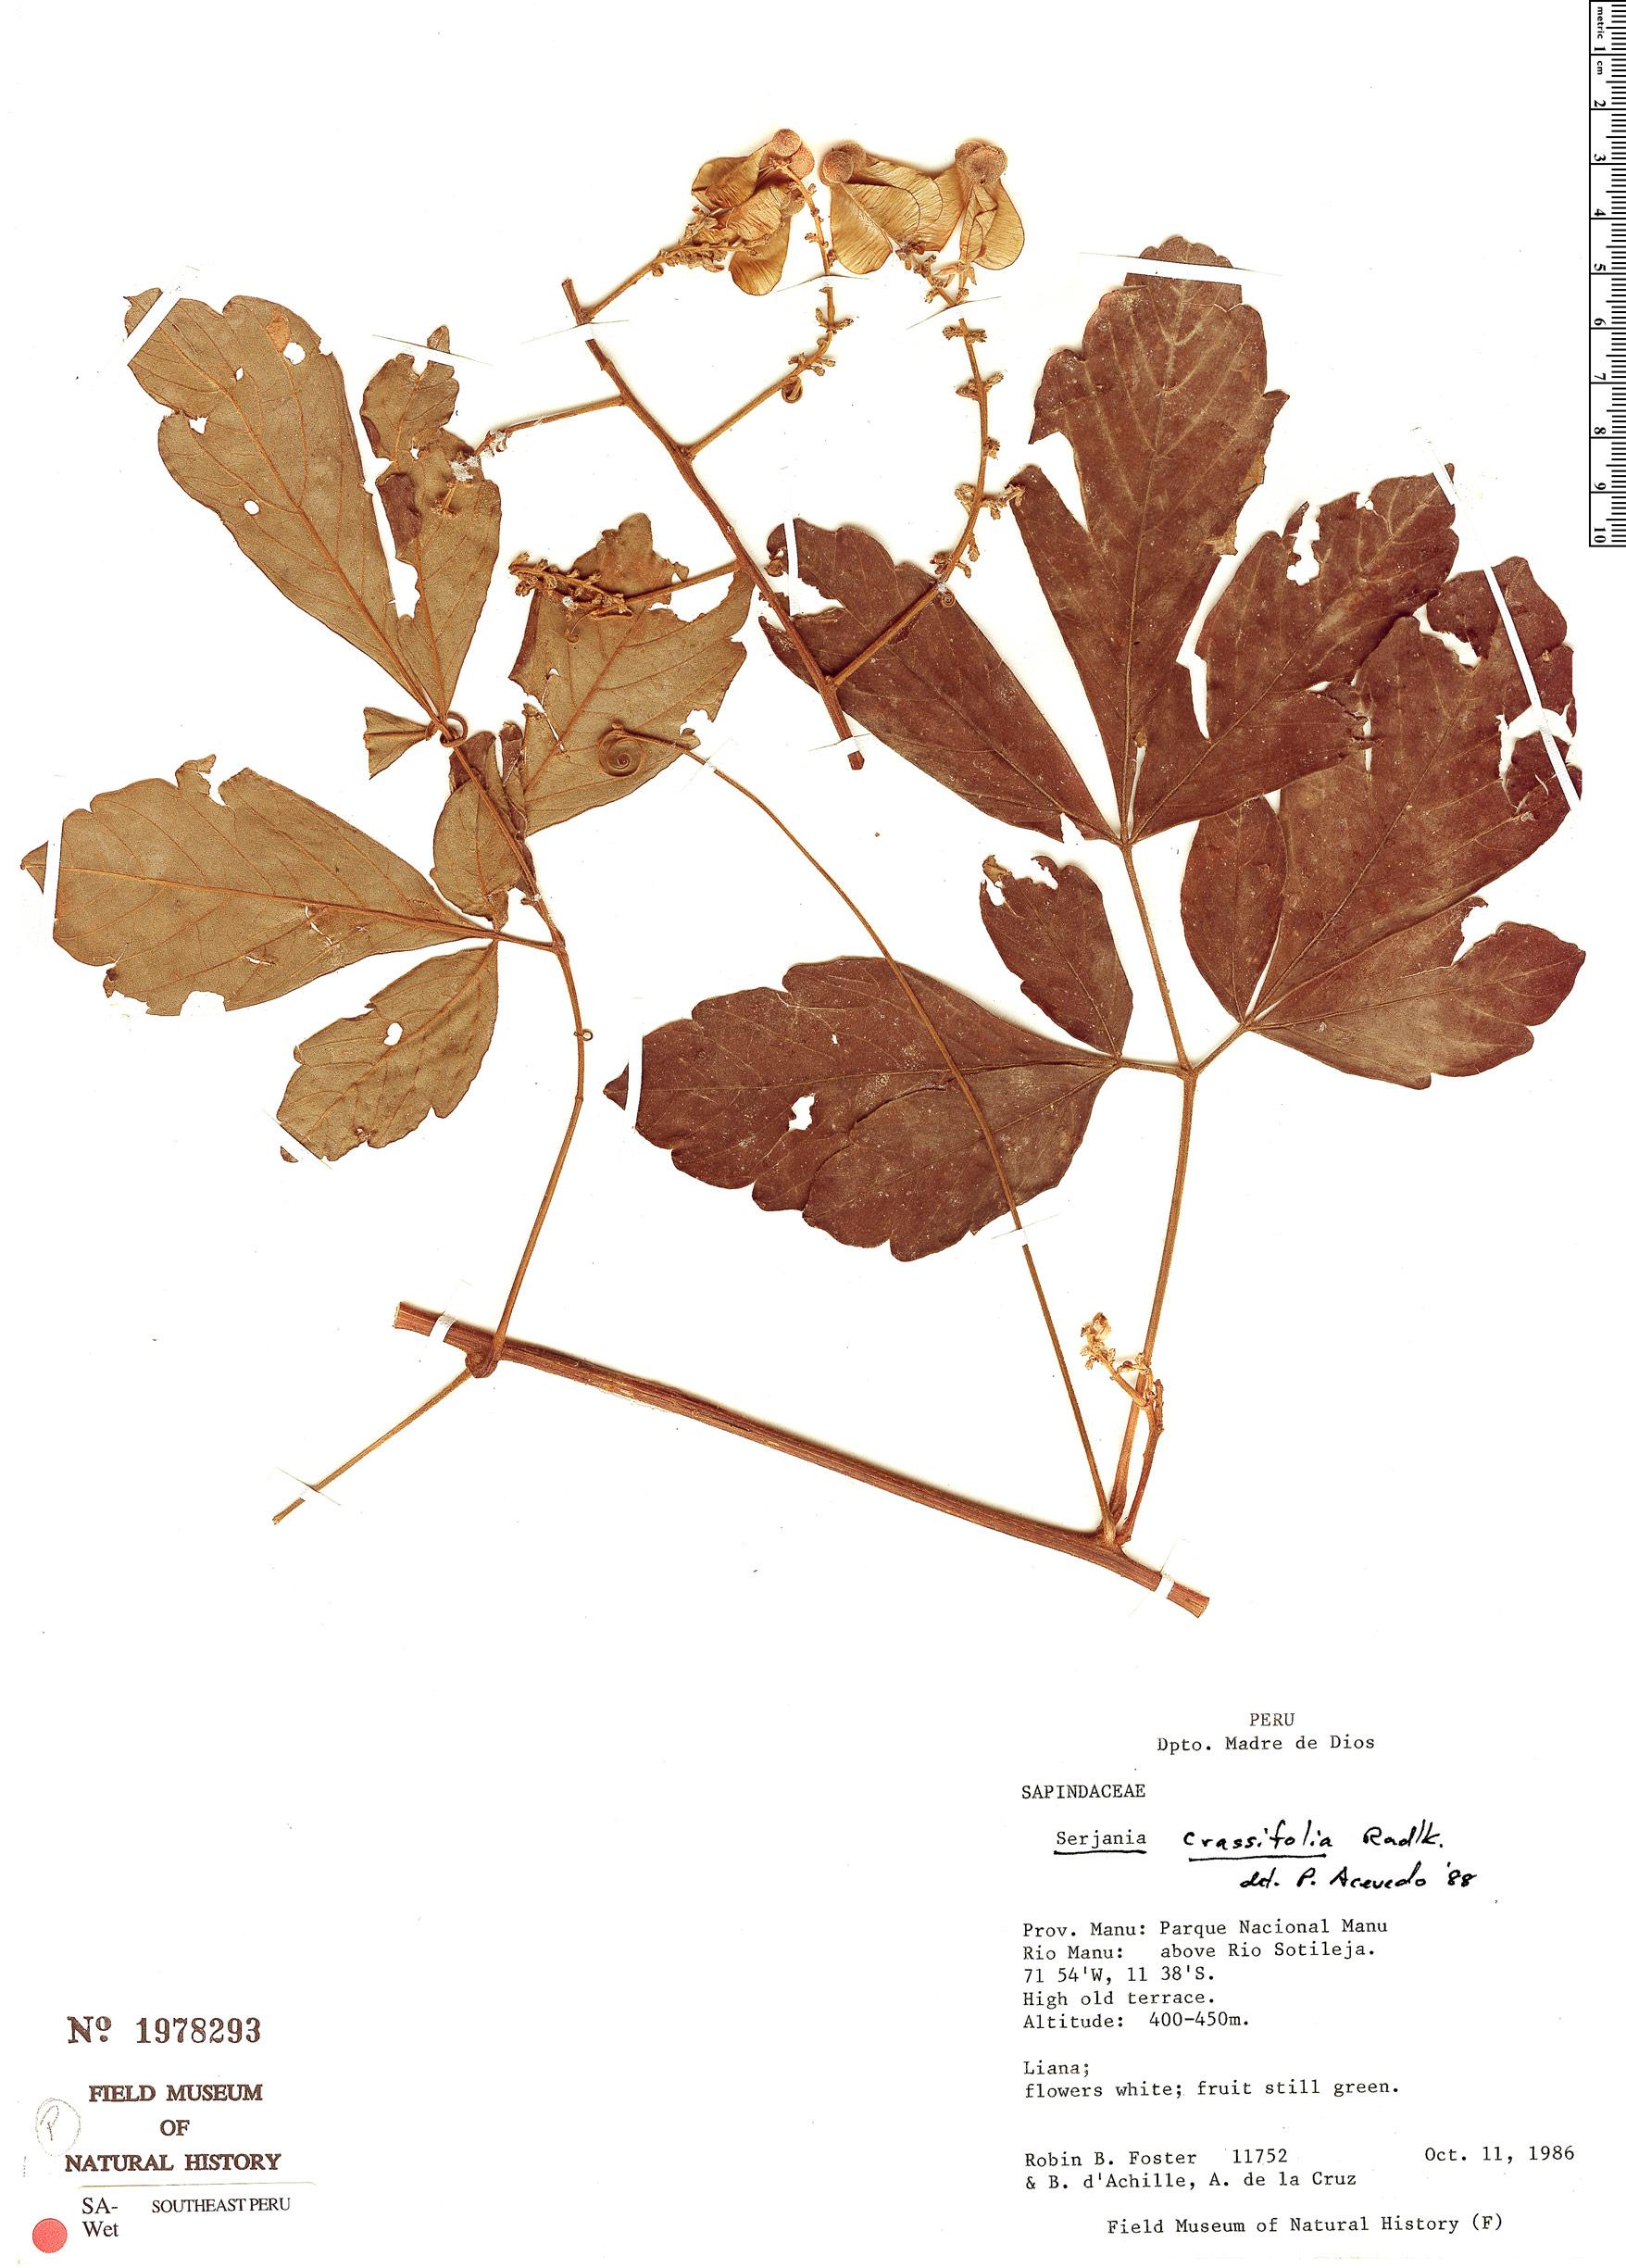 Specimen: Serjania crassifolia